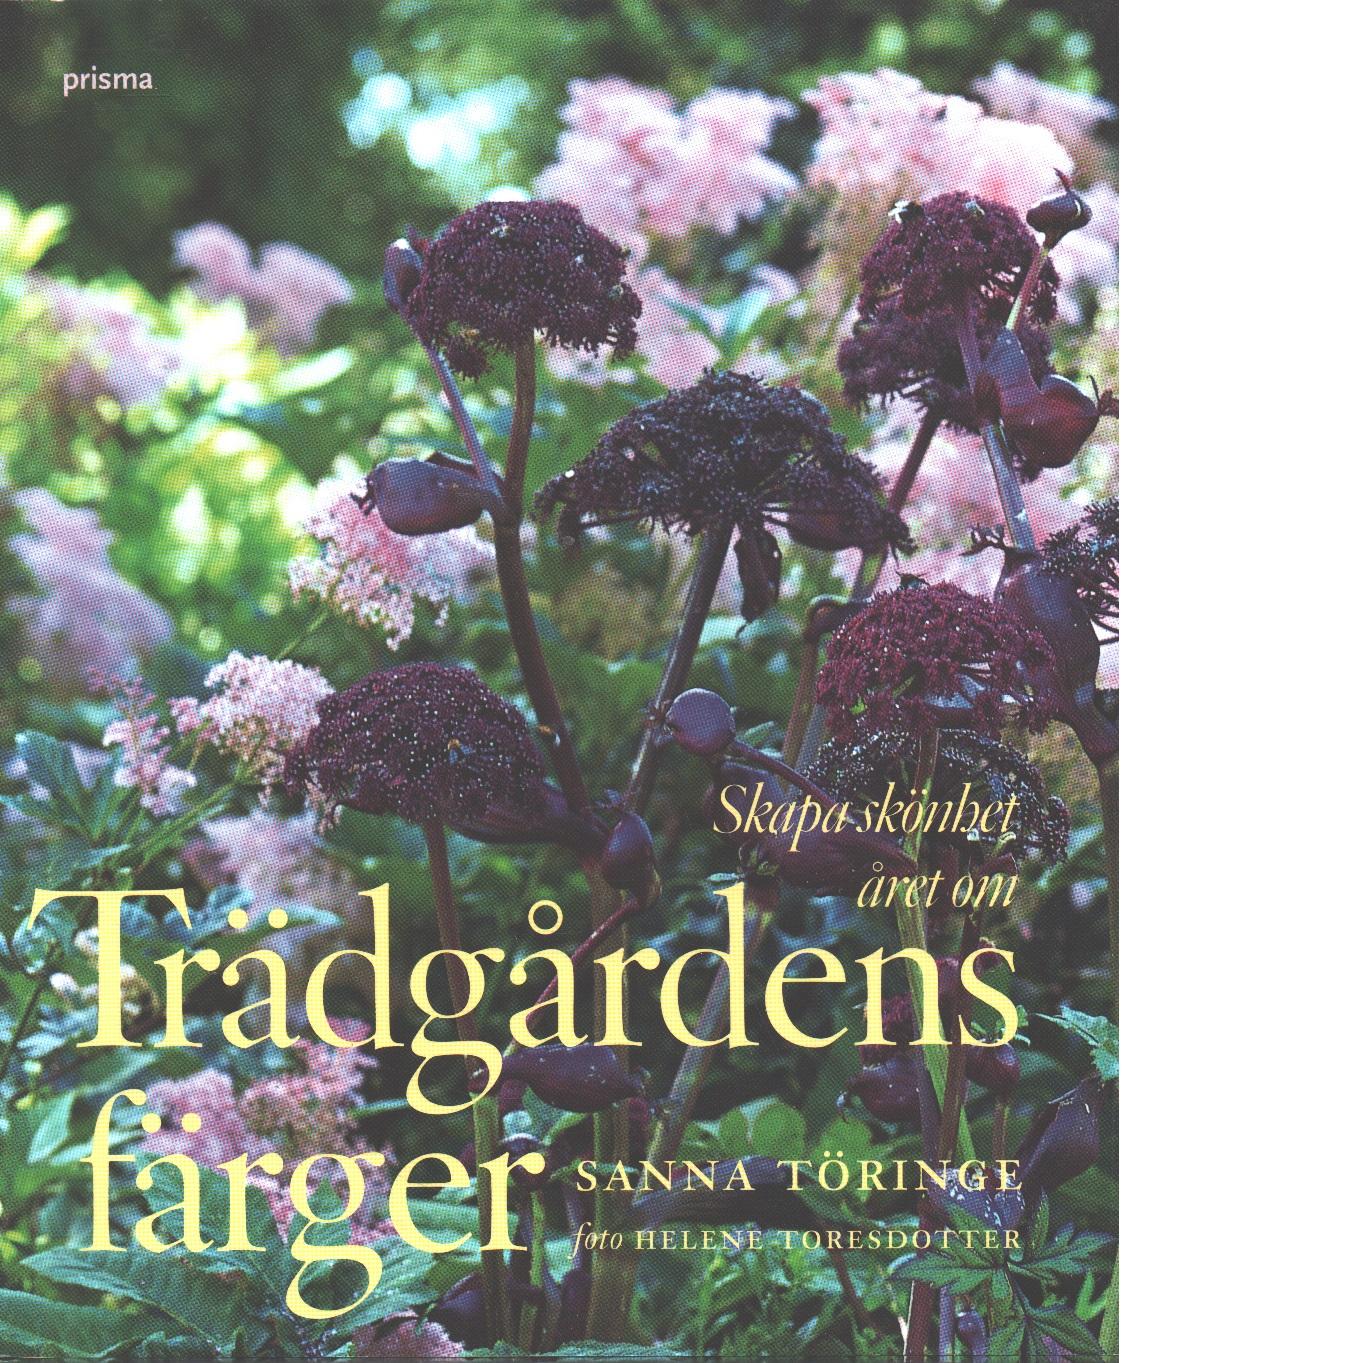 Trädgårdens färger : skapa skönhet året om - Töringe, Sanna